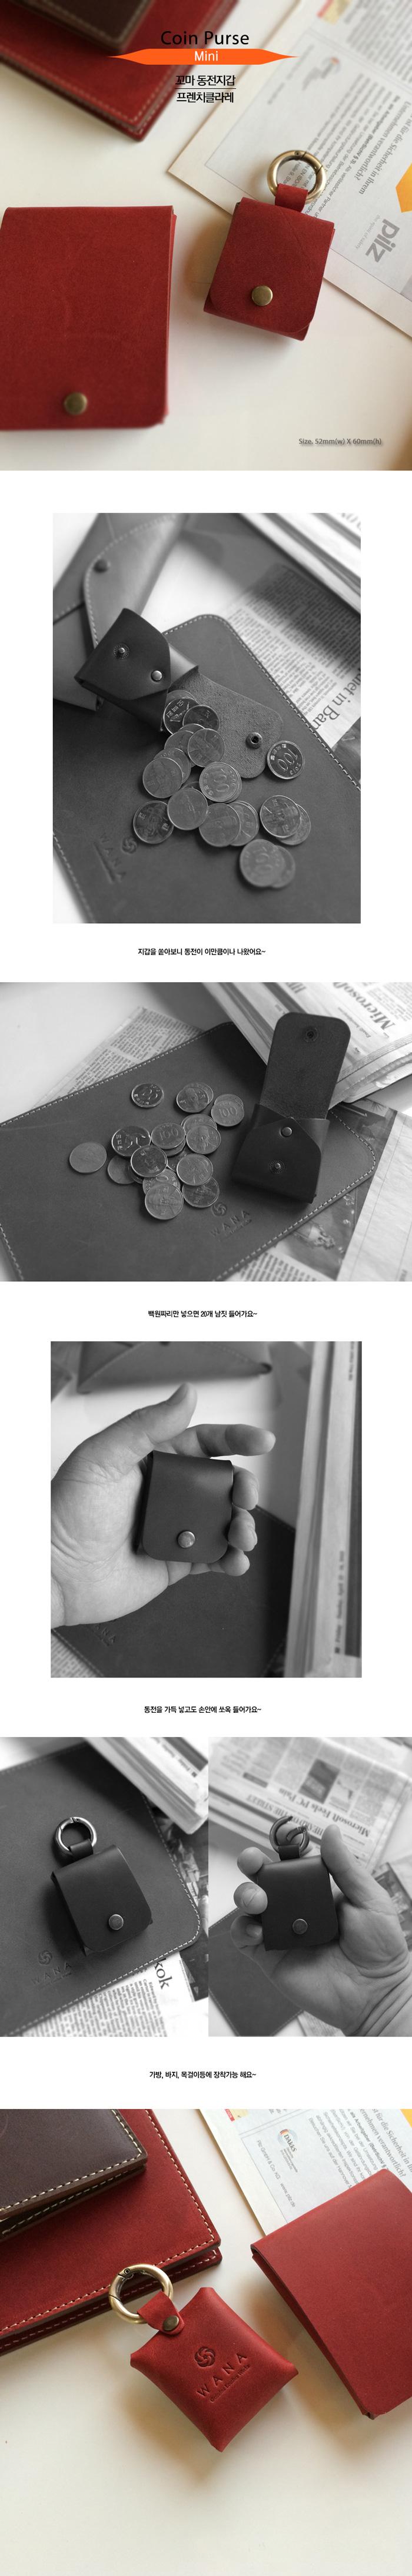 천연가죽 꼬마 동전지갑 (잠금버클링 있음)  - 프렌치클라레 - 와나크래프트, 22,000원, 동전/카드지갑, 동전지갑